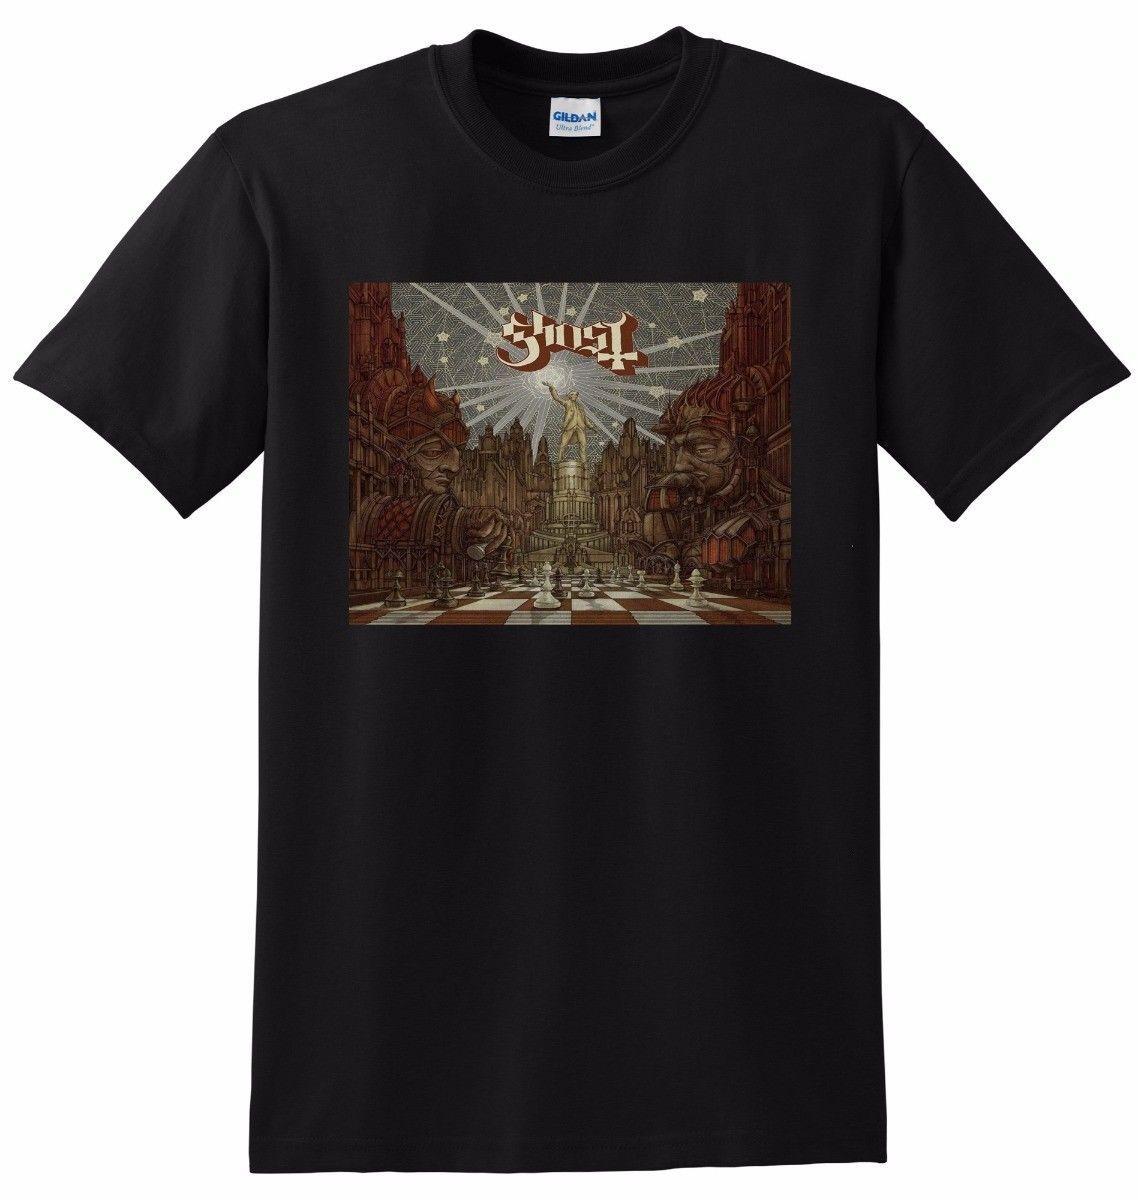 * Yeni * Hayalet Tişörtlü Popestar Vinil Toptan İndirim Kapak Tee Küçük Orta Büyük Veya XXXL Tişörtlü Yaz Kısa Elbise yazdır